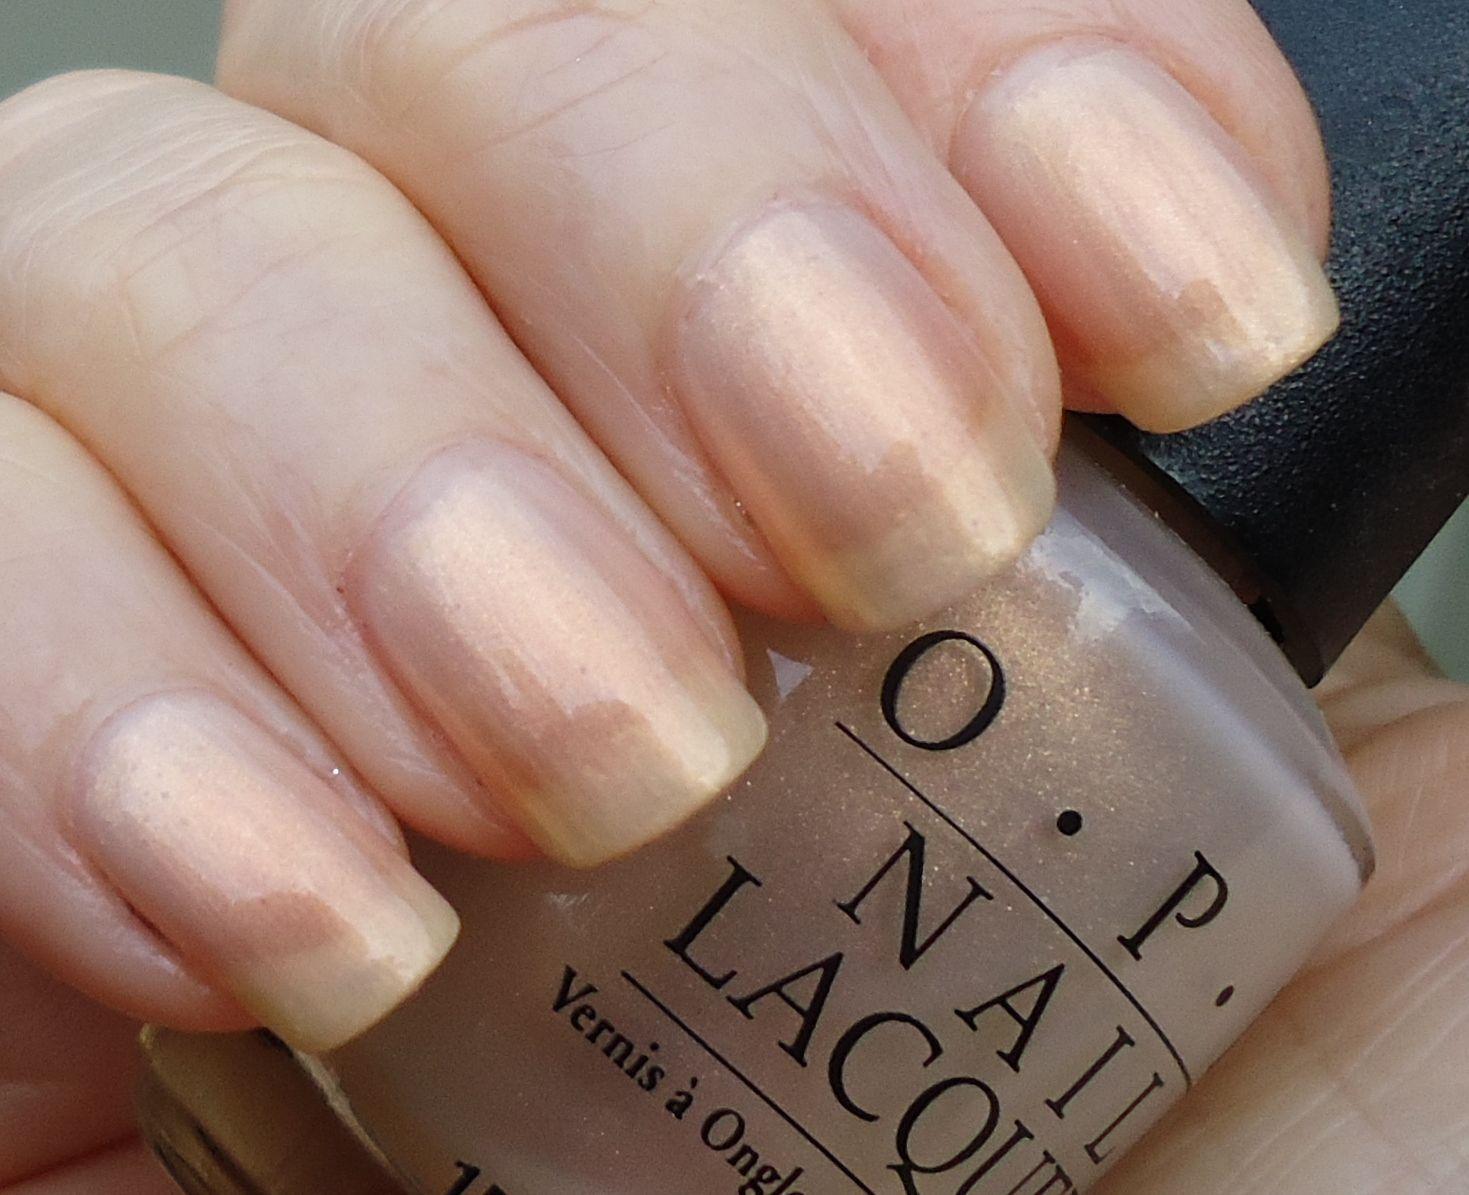 OPI Kiss the Bride | Make Up | Pinterest | OPI, Kiss and Nail polish ...